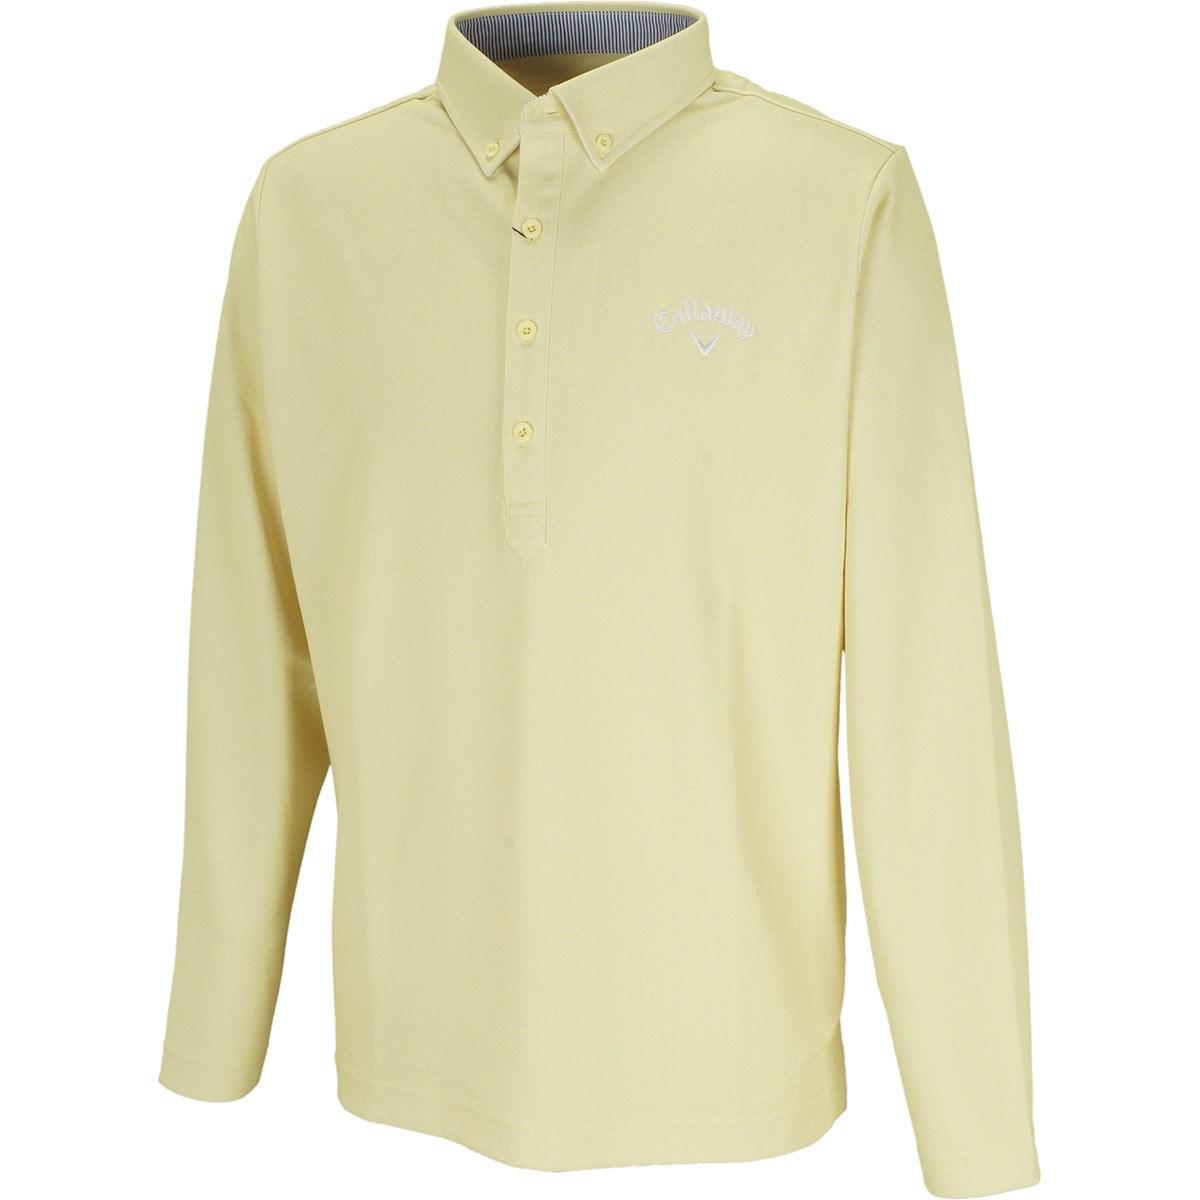 キャロウェイゴルフ(Callaway Golf) 東京千鳥 クールドライ 長袖ポロシャツ